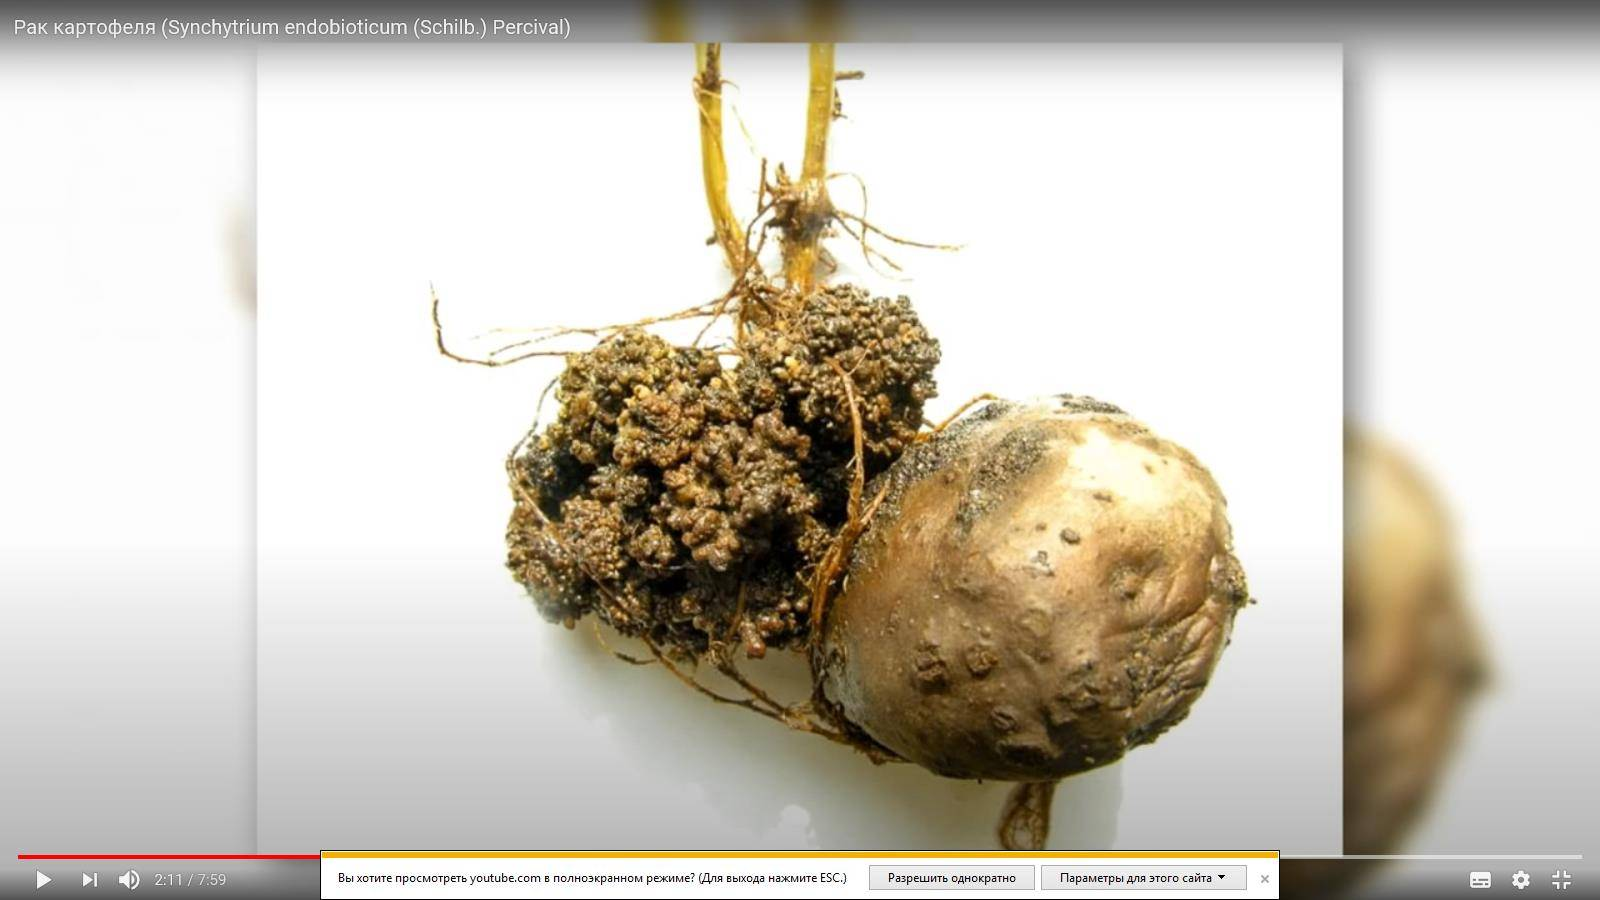 Чума на огороде! что такое рак картофеля и как вылечить растение?